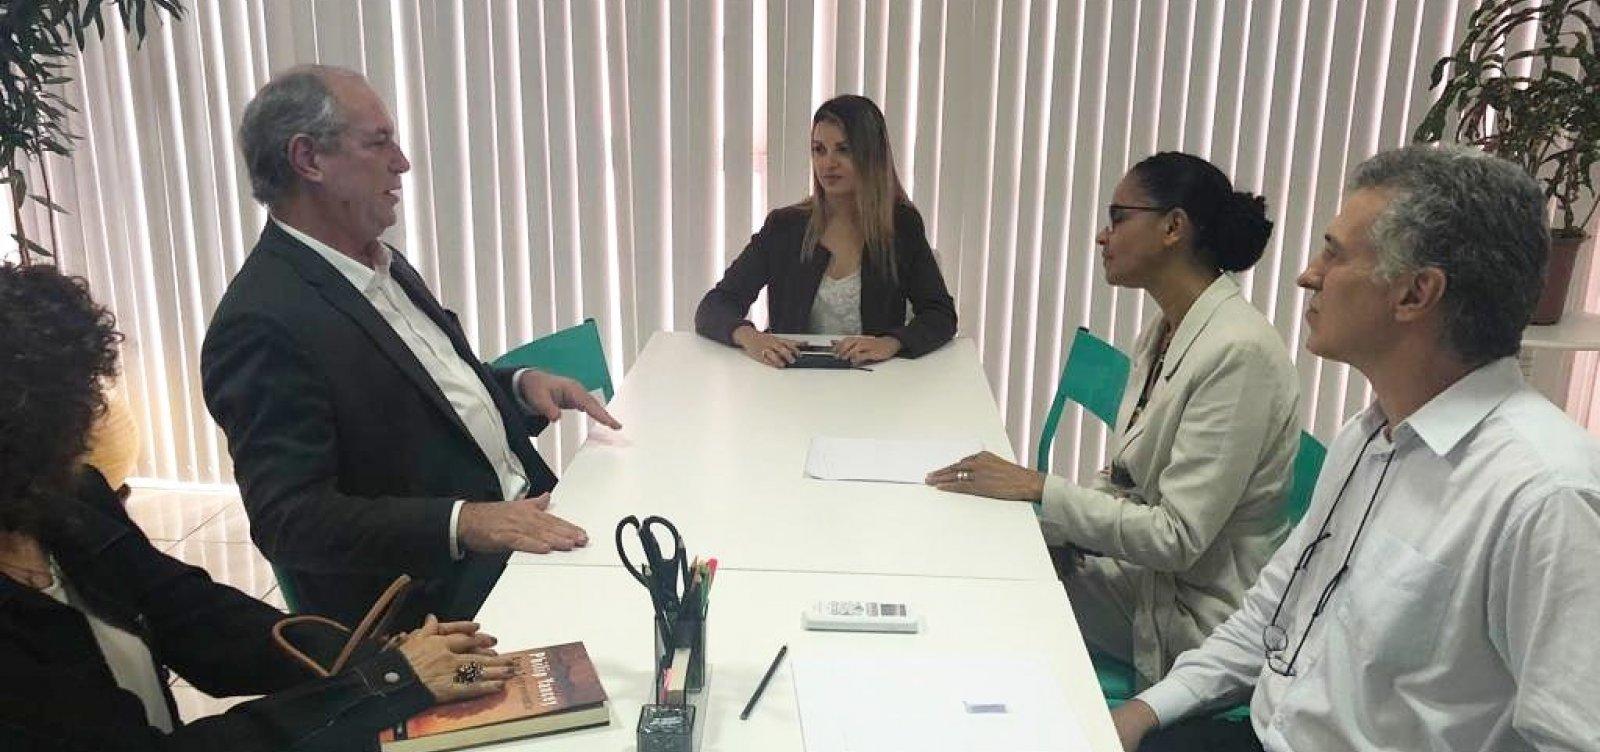 Ciro Gomes visita Marina Silva para discutir futuro do Brasil e aliança como oposição